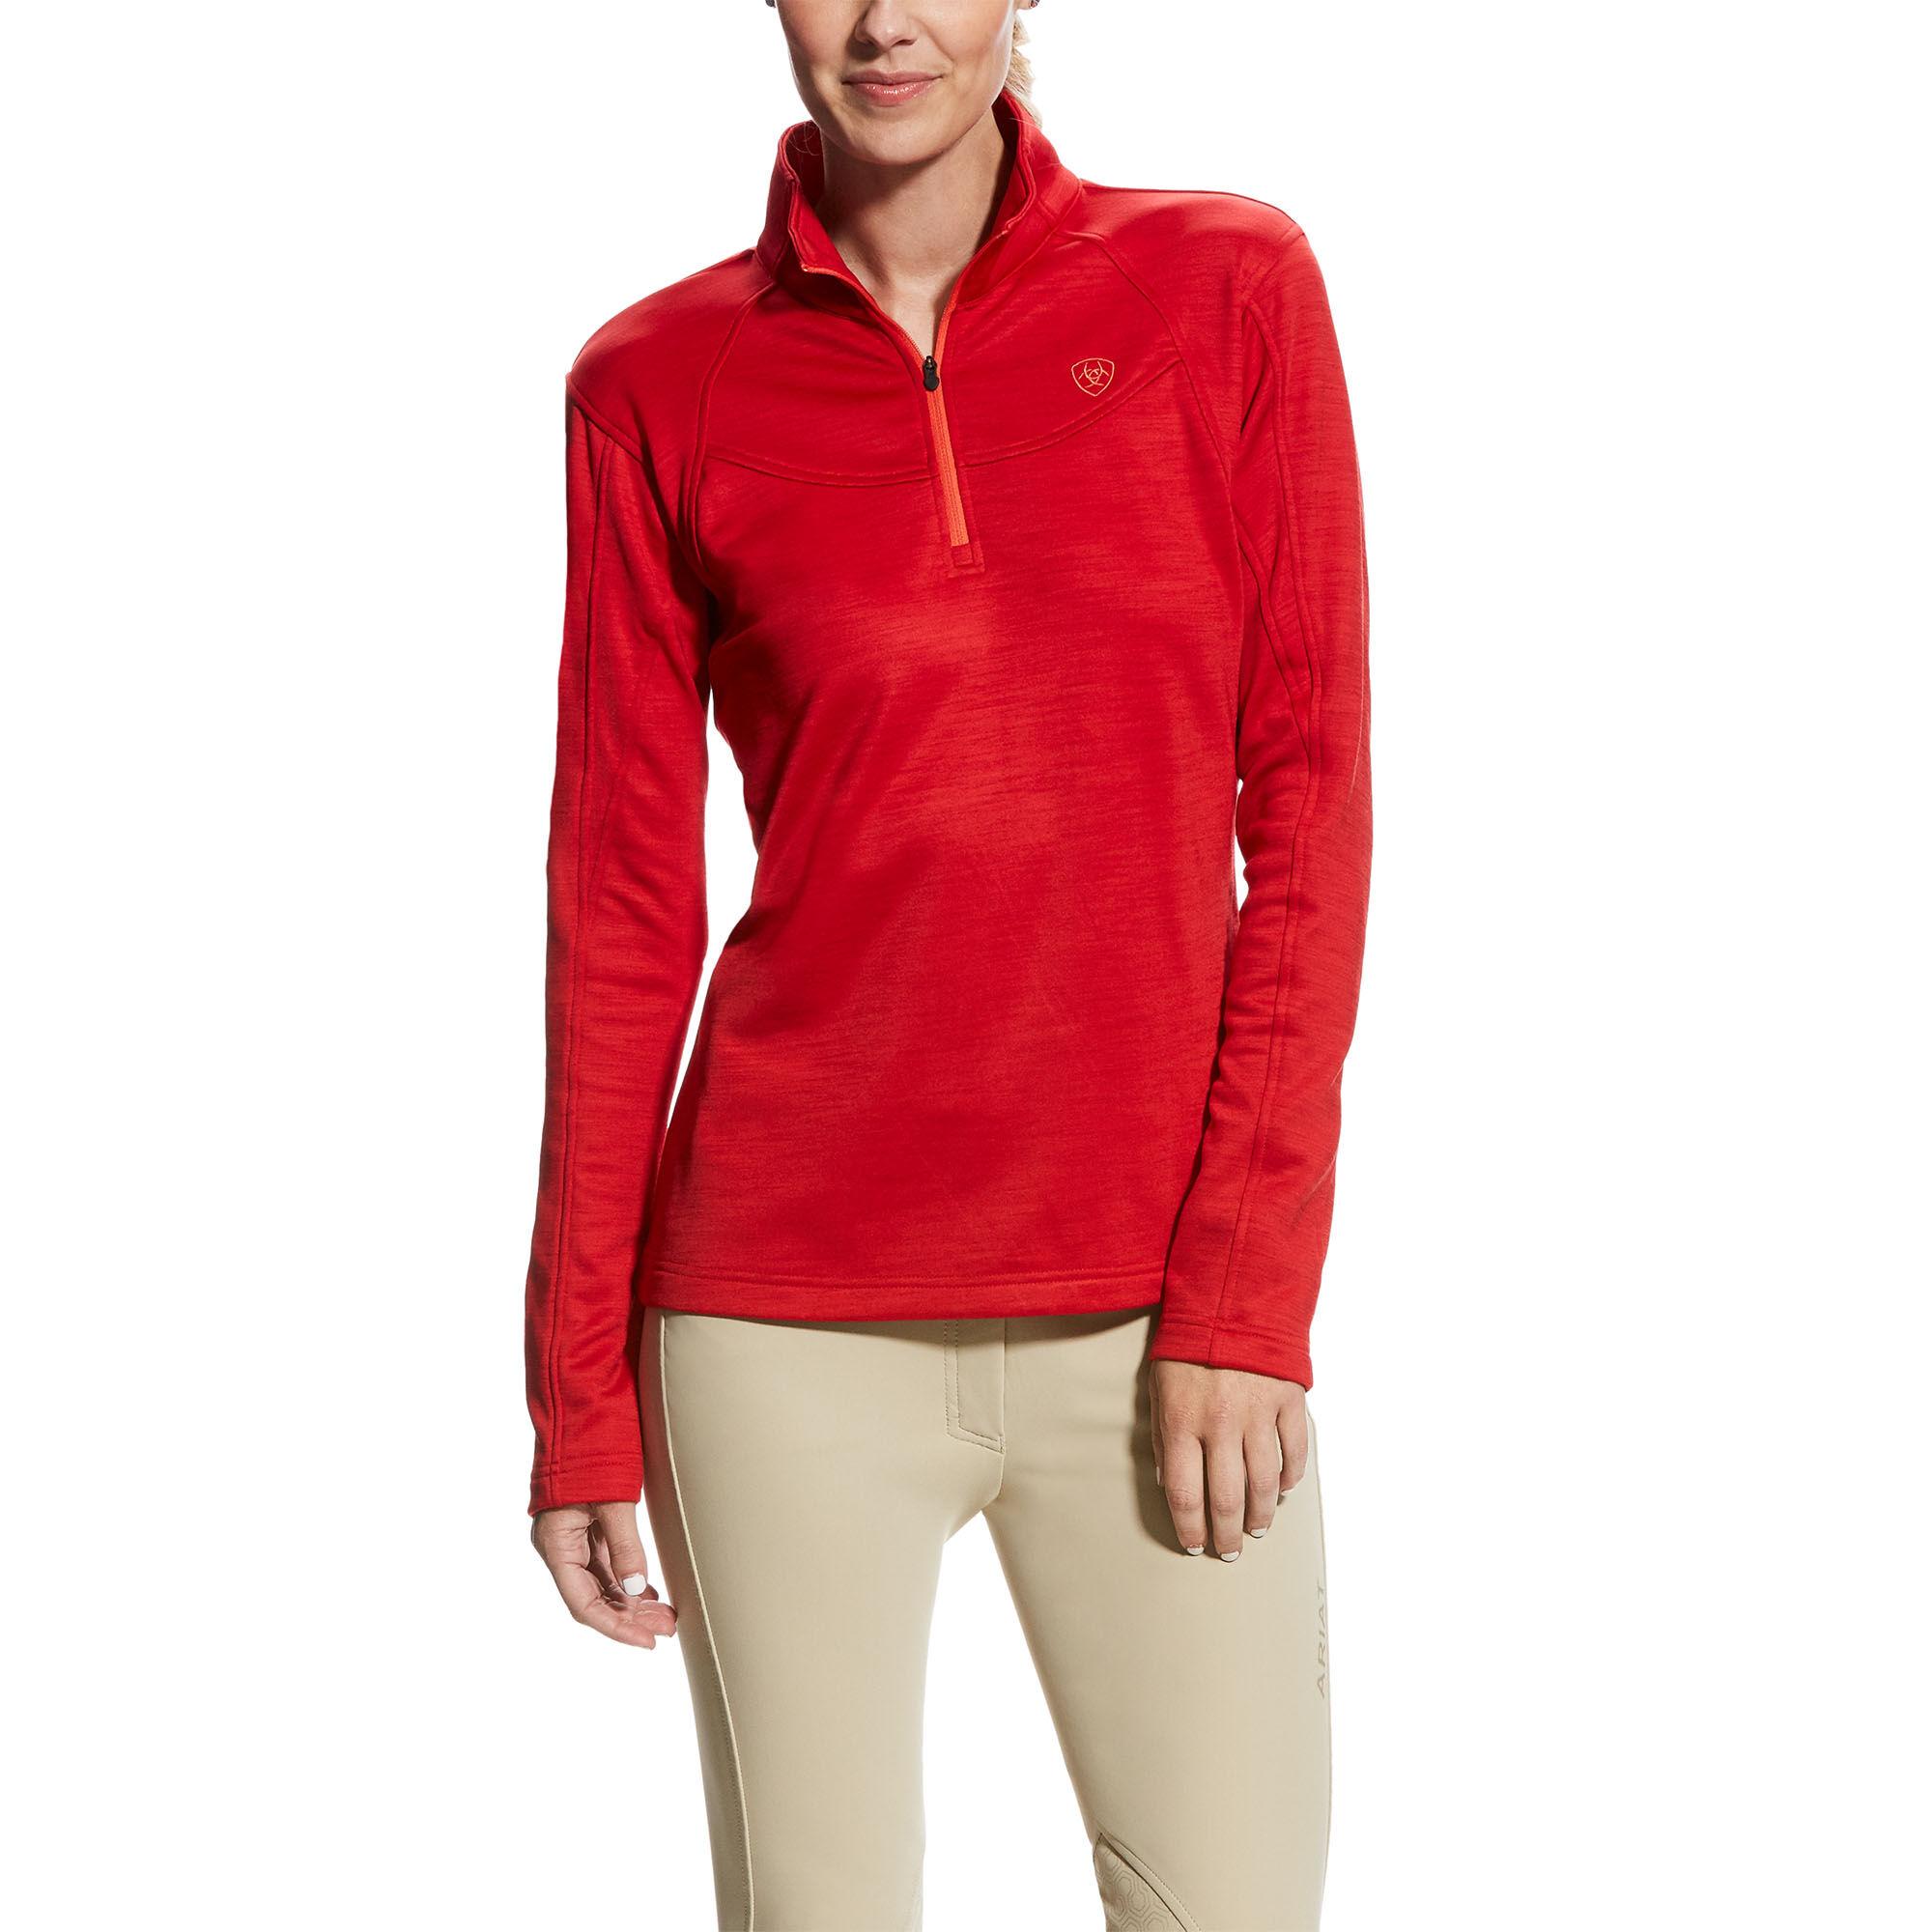 Conquest 1/2 Zip Sweatshirt